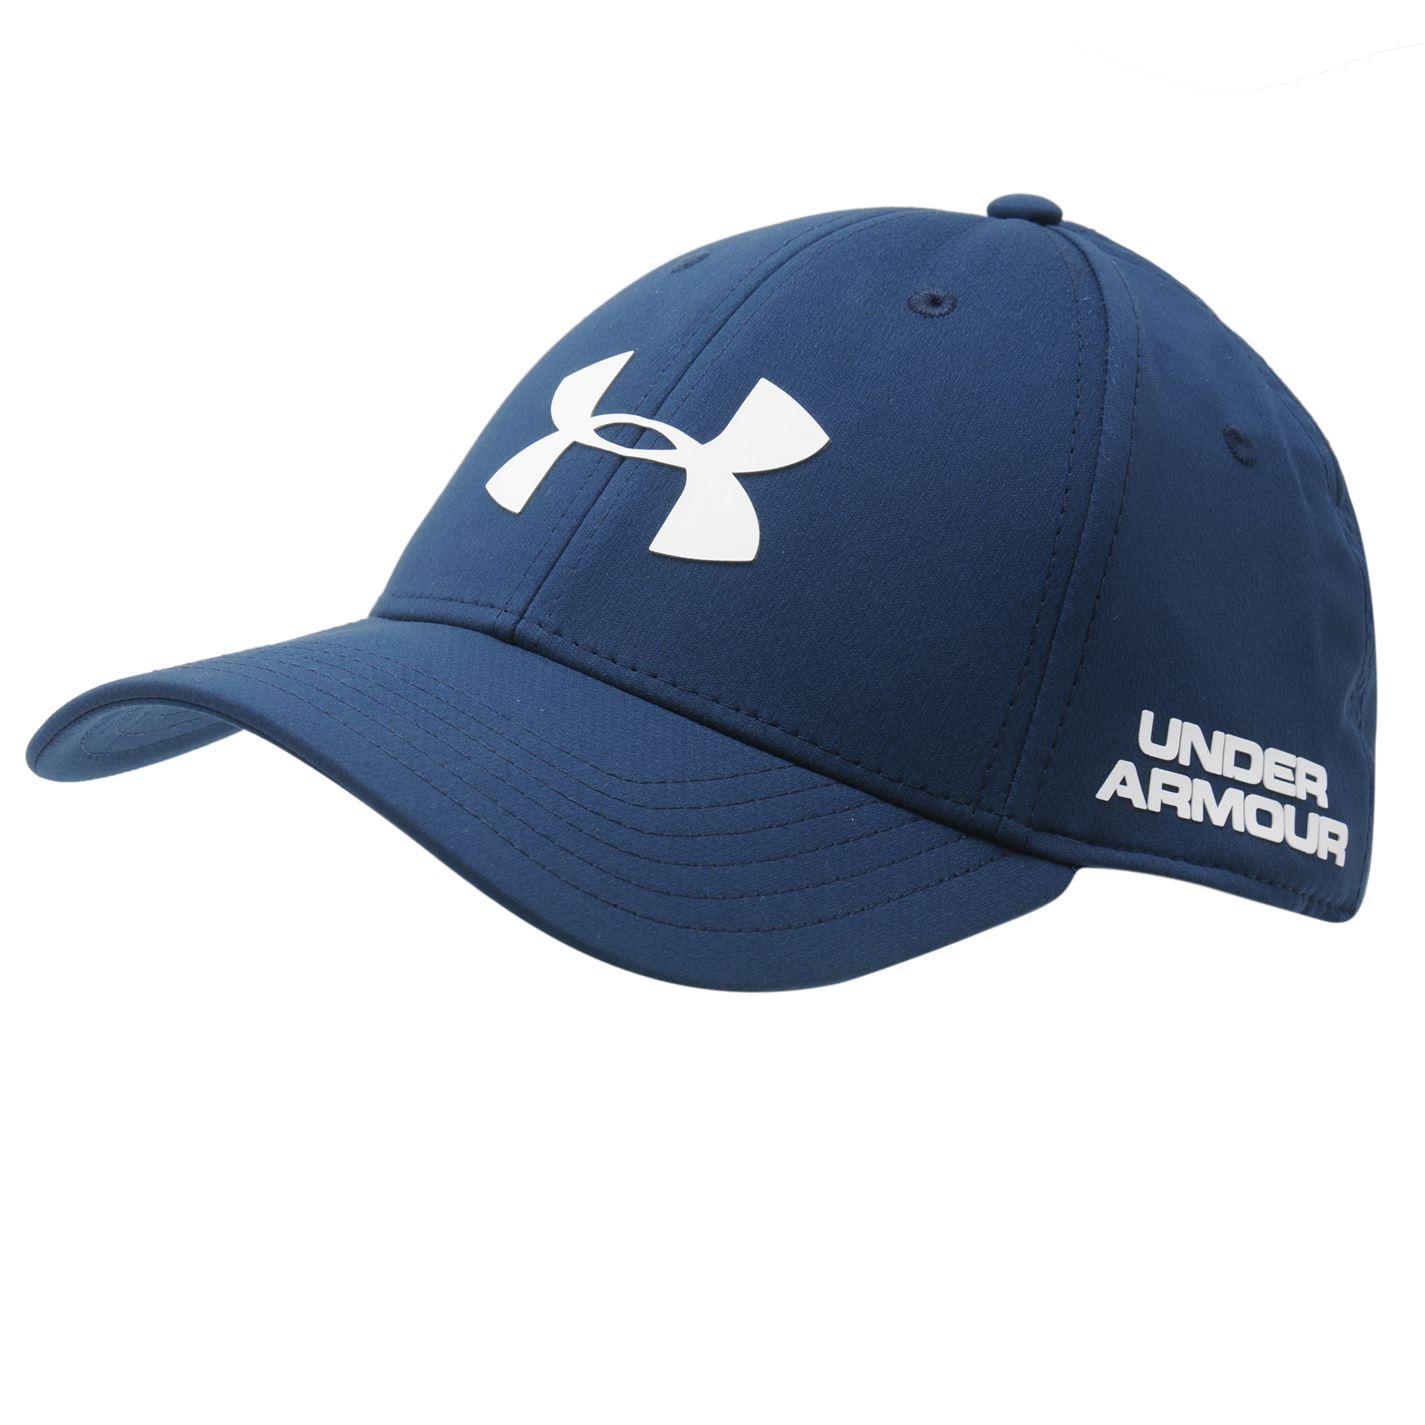 Sepci golf Under Armour Headline pentru Barbati albastru